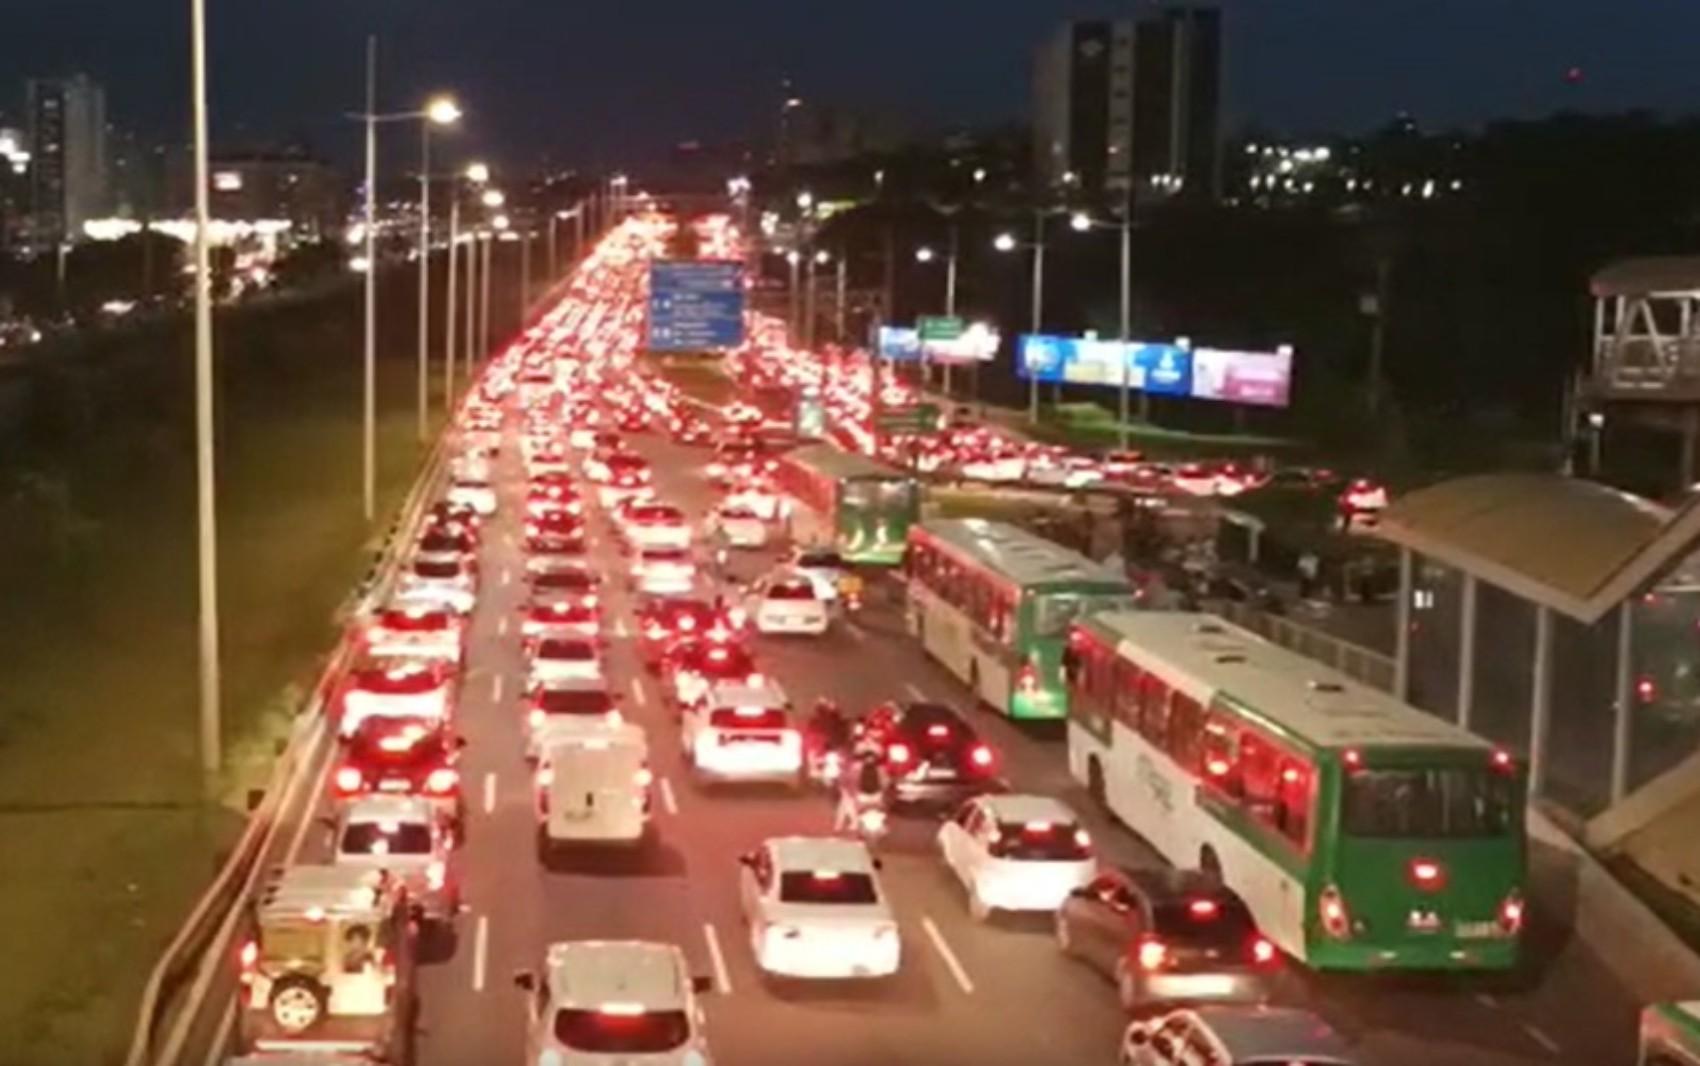 Motociclistas protestam contra aumento do preço do combustível em Salvador e trânsito fica congestionado